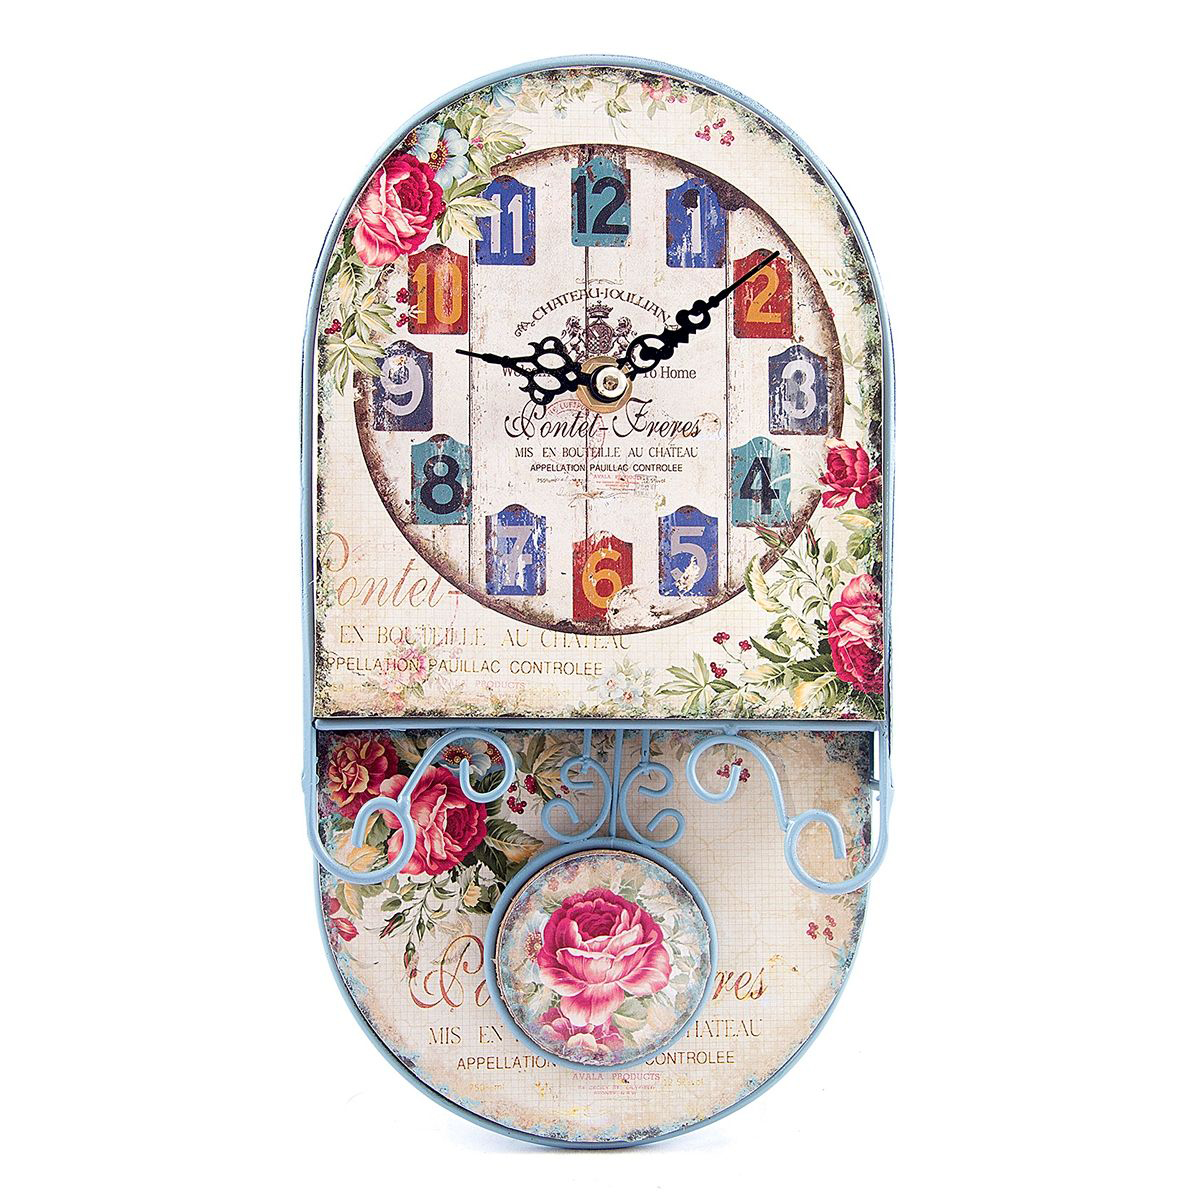 Часы настенные Русские Подарки, 14 х 26 х 6 см. 2962929629Настенные кварцевые часы Русские Подарки изготовлены из МДФ. Корпус оформлен изображением цветов и надписей. Часы имеют две стрелки - часовую и минутную. Циферблат не защищен стеклом. С обратной стороны имеется петелька для подвешивания на стену. Изящные часы красиво и оригинально оформят интерьер дома или офиса.